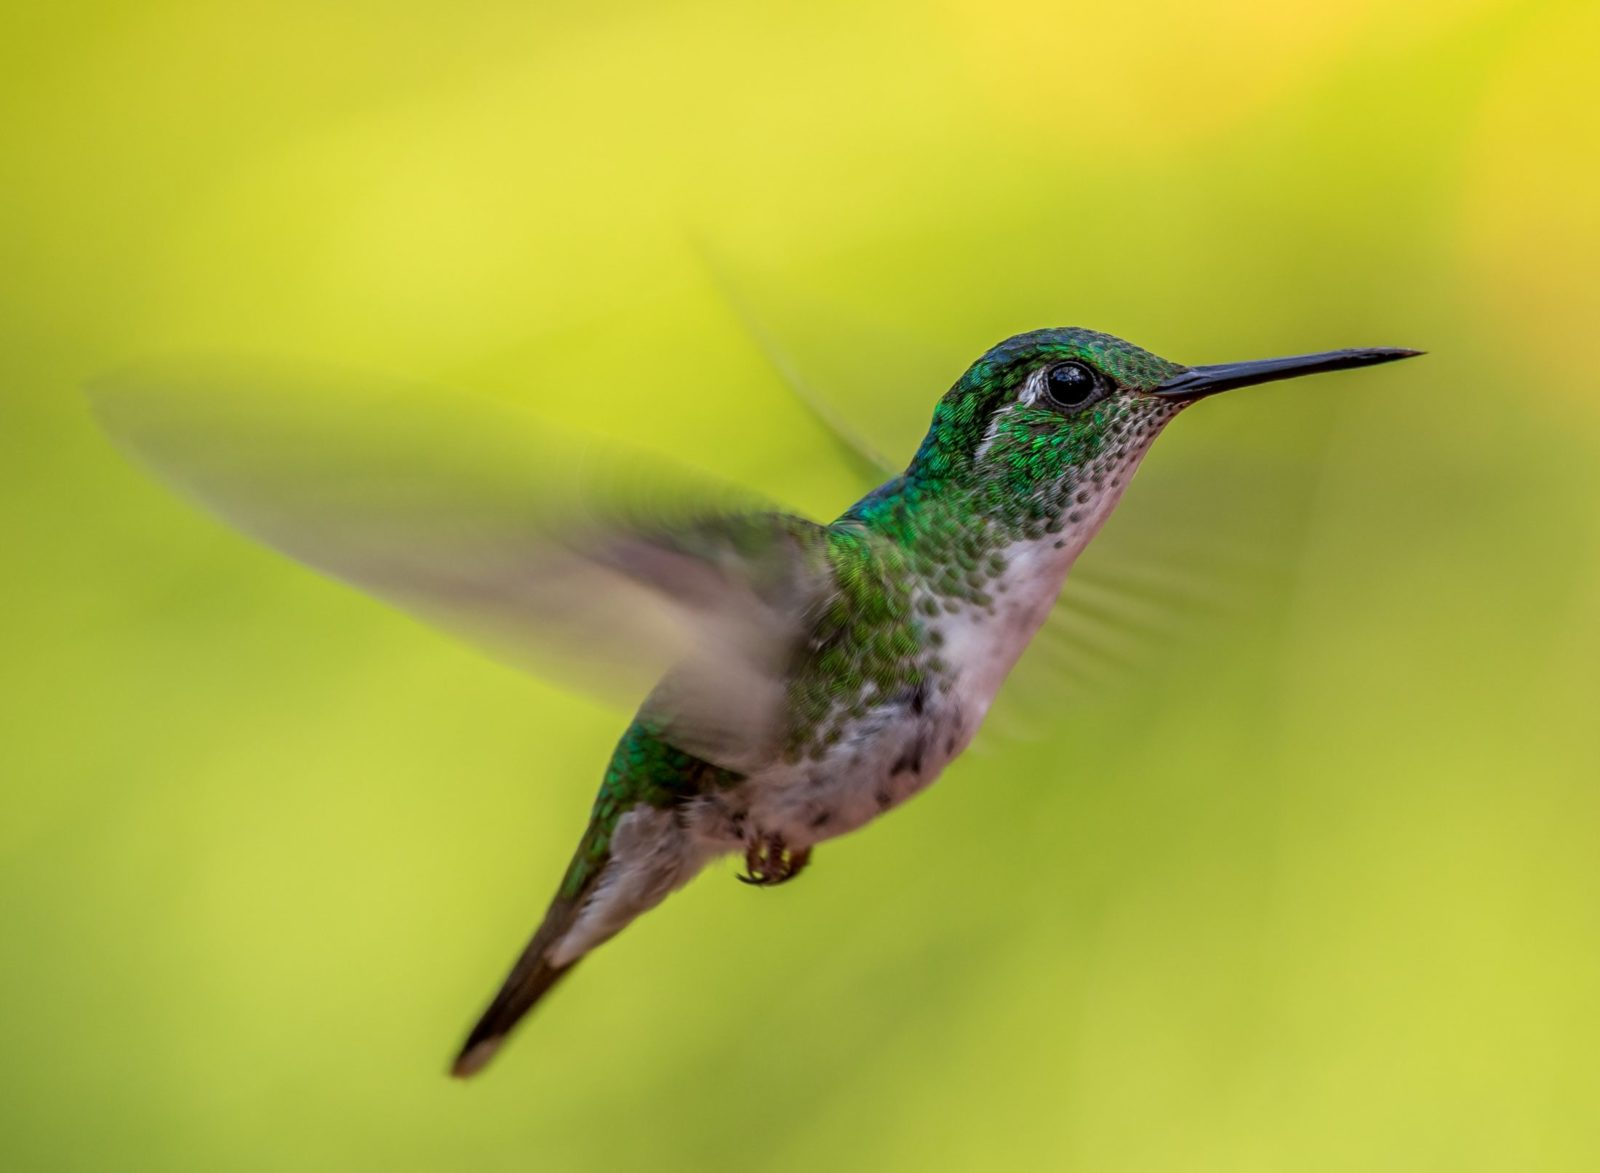 O Beija-flor é um pássaro muito rápido e territorialista.